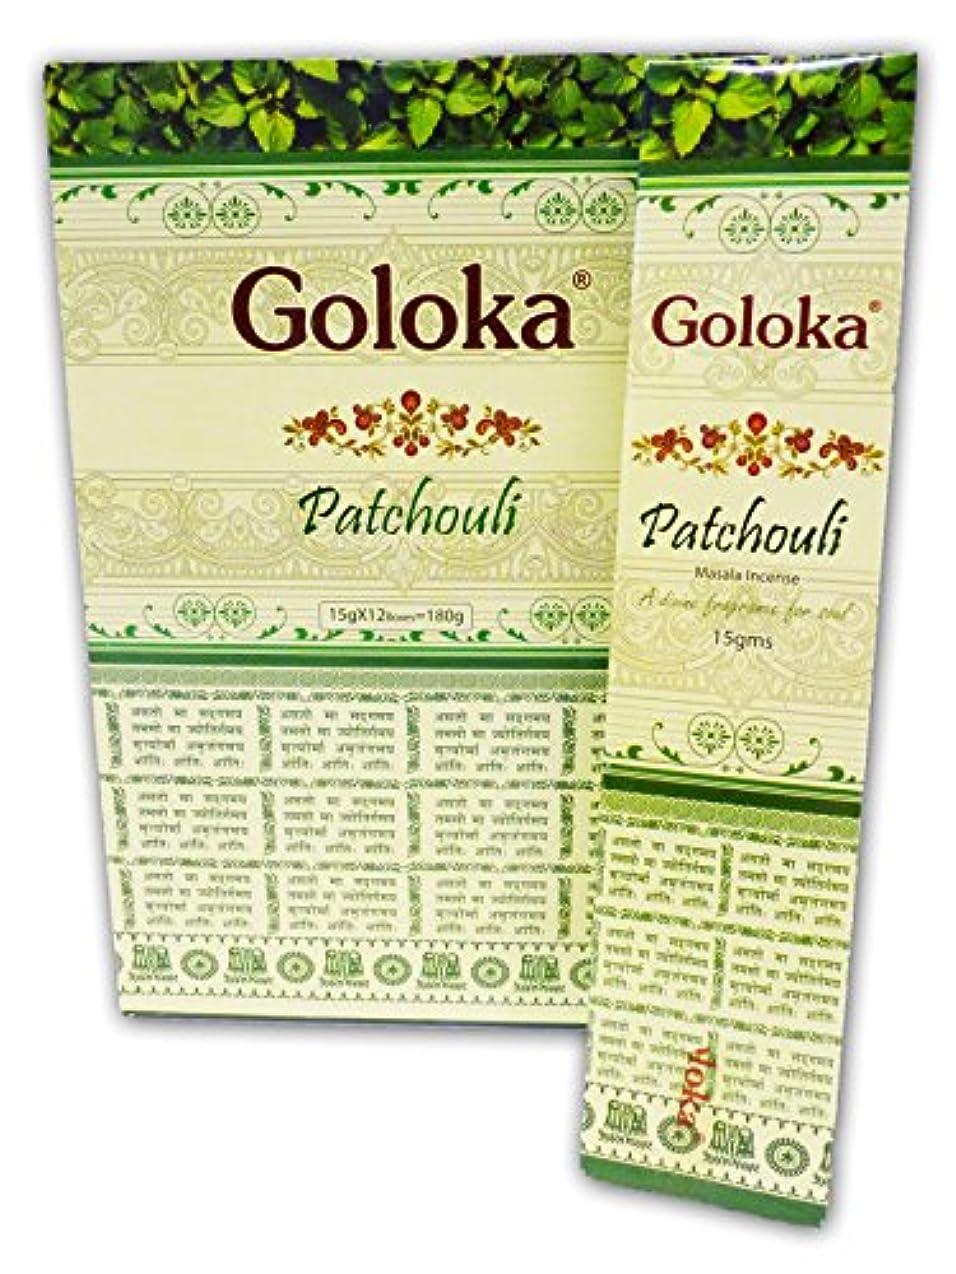 レイア現象天のGoloka Patchouli Incense, 15 Gms x 12 Packs